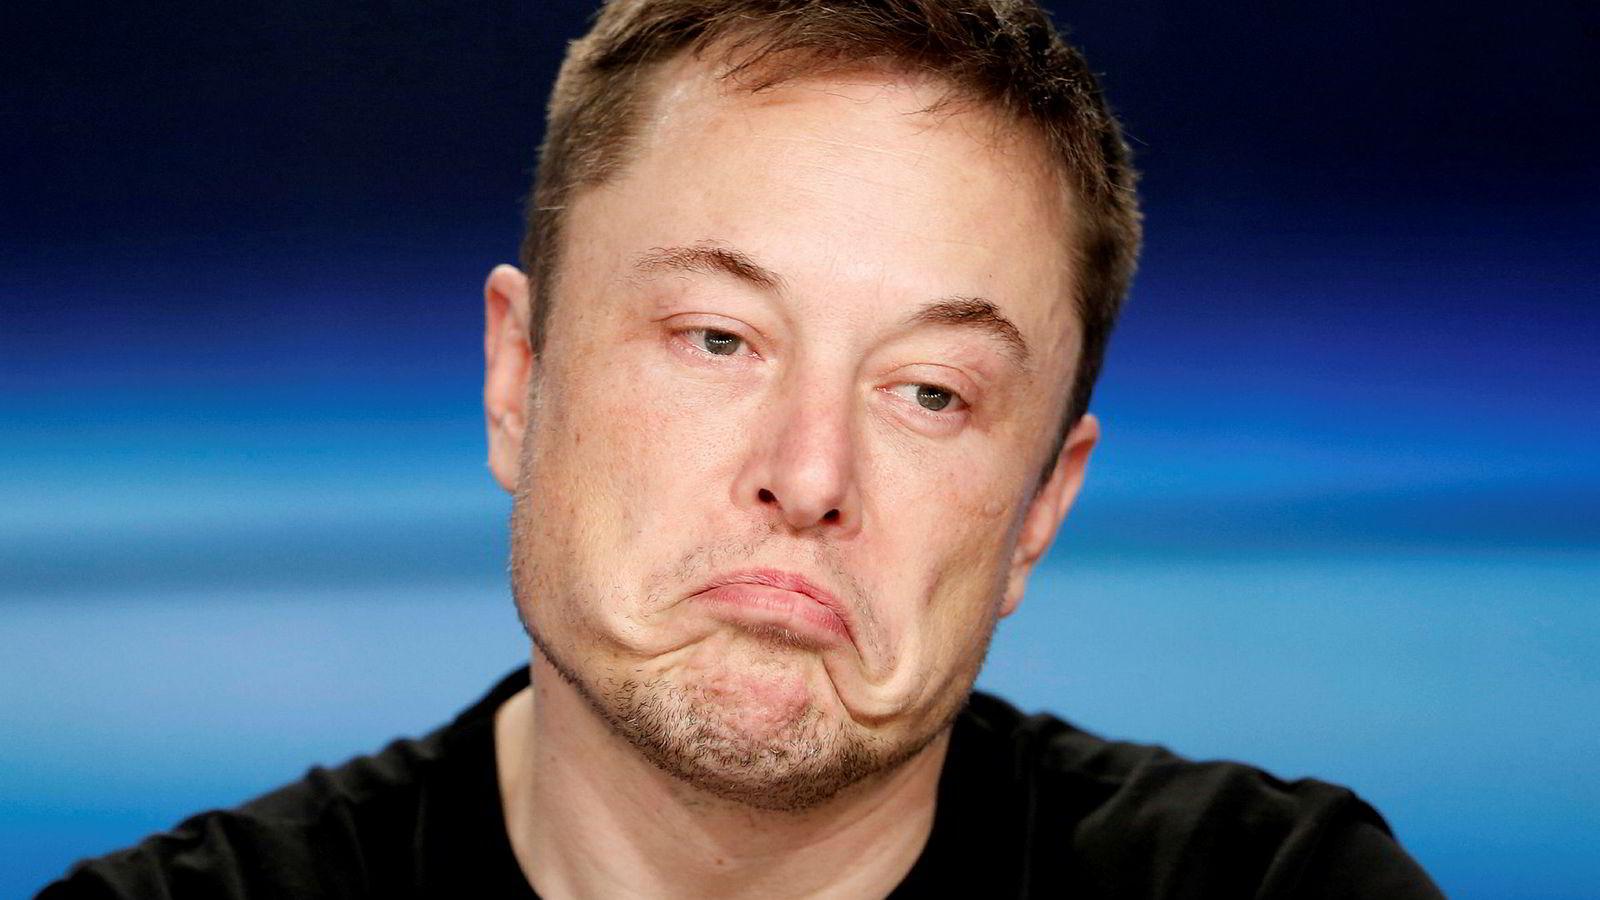 Tesla-grunnlegger Elon Musk skjønner frustrasjonen norske Tesla-eiere har. Ventetid på flere måneder for å få reparert bilene er blitt vanlig. Han ønsker flere mobile serviceverksteder på norske veier, men venter på godkjennelser.